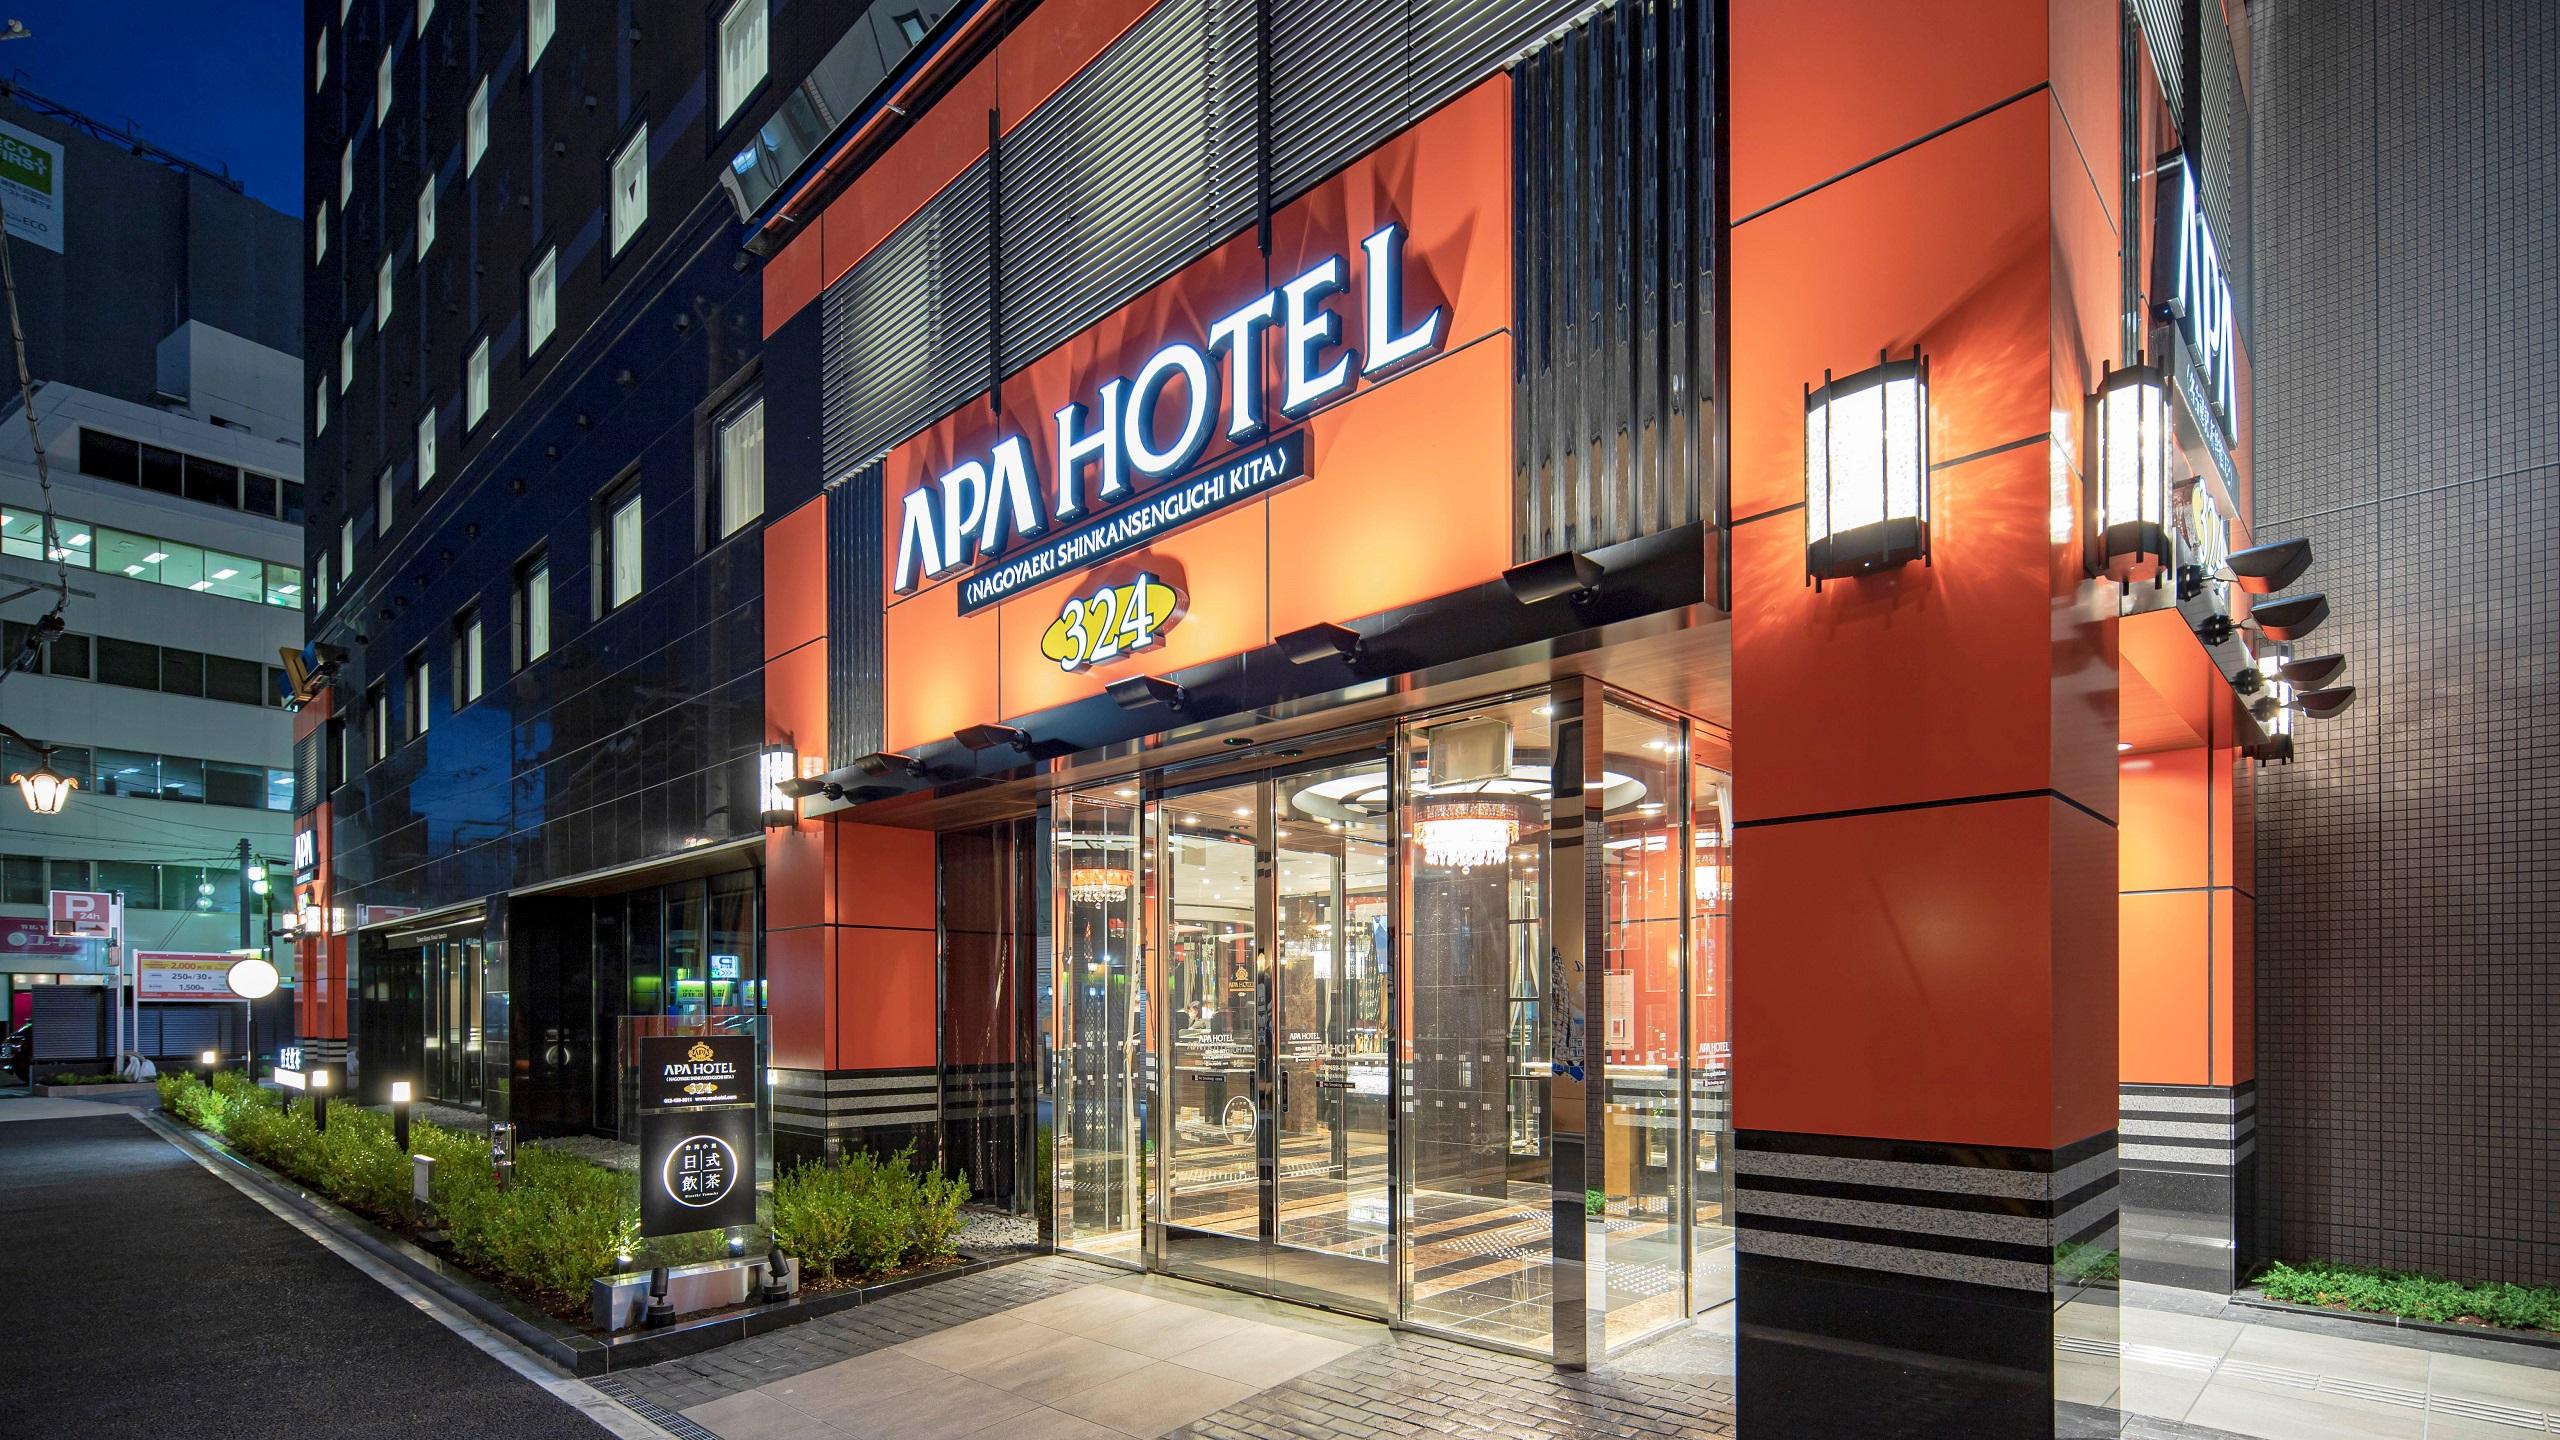 アパホテル<名古屋駅新幹線口北>(全室禁煙)(2020年7月15日開業)